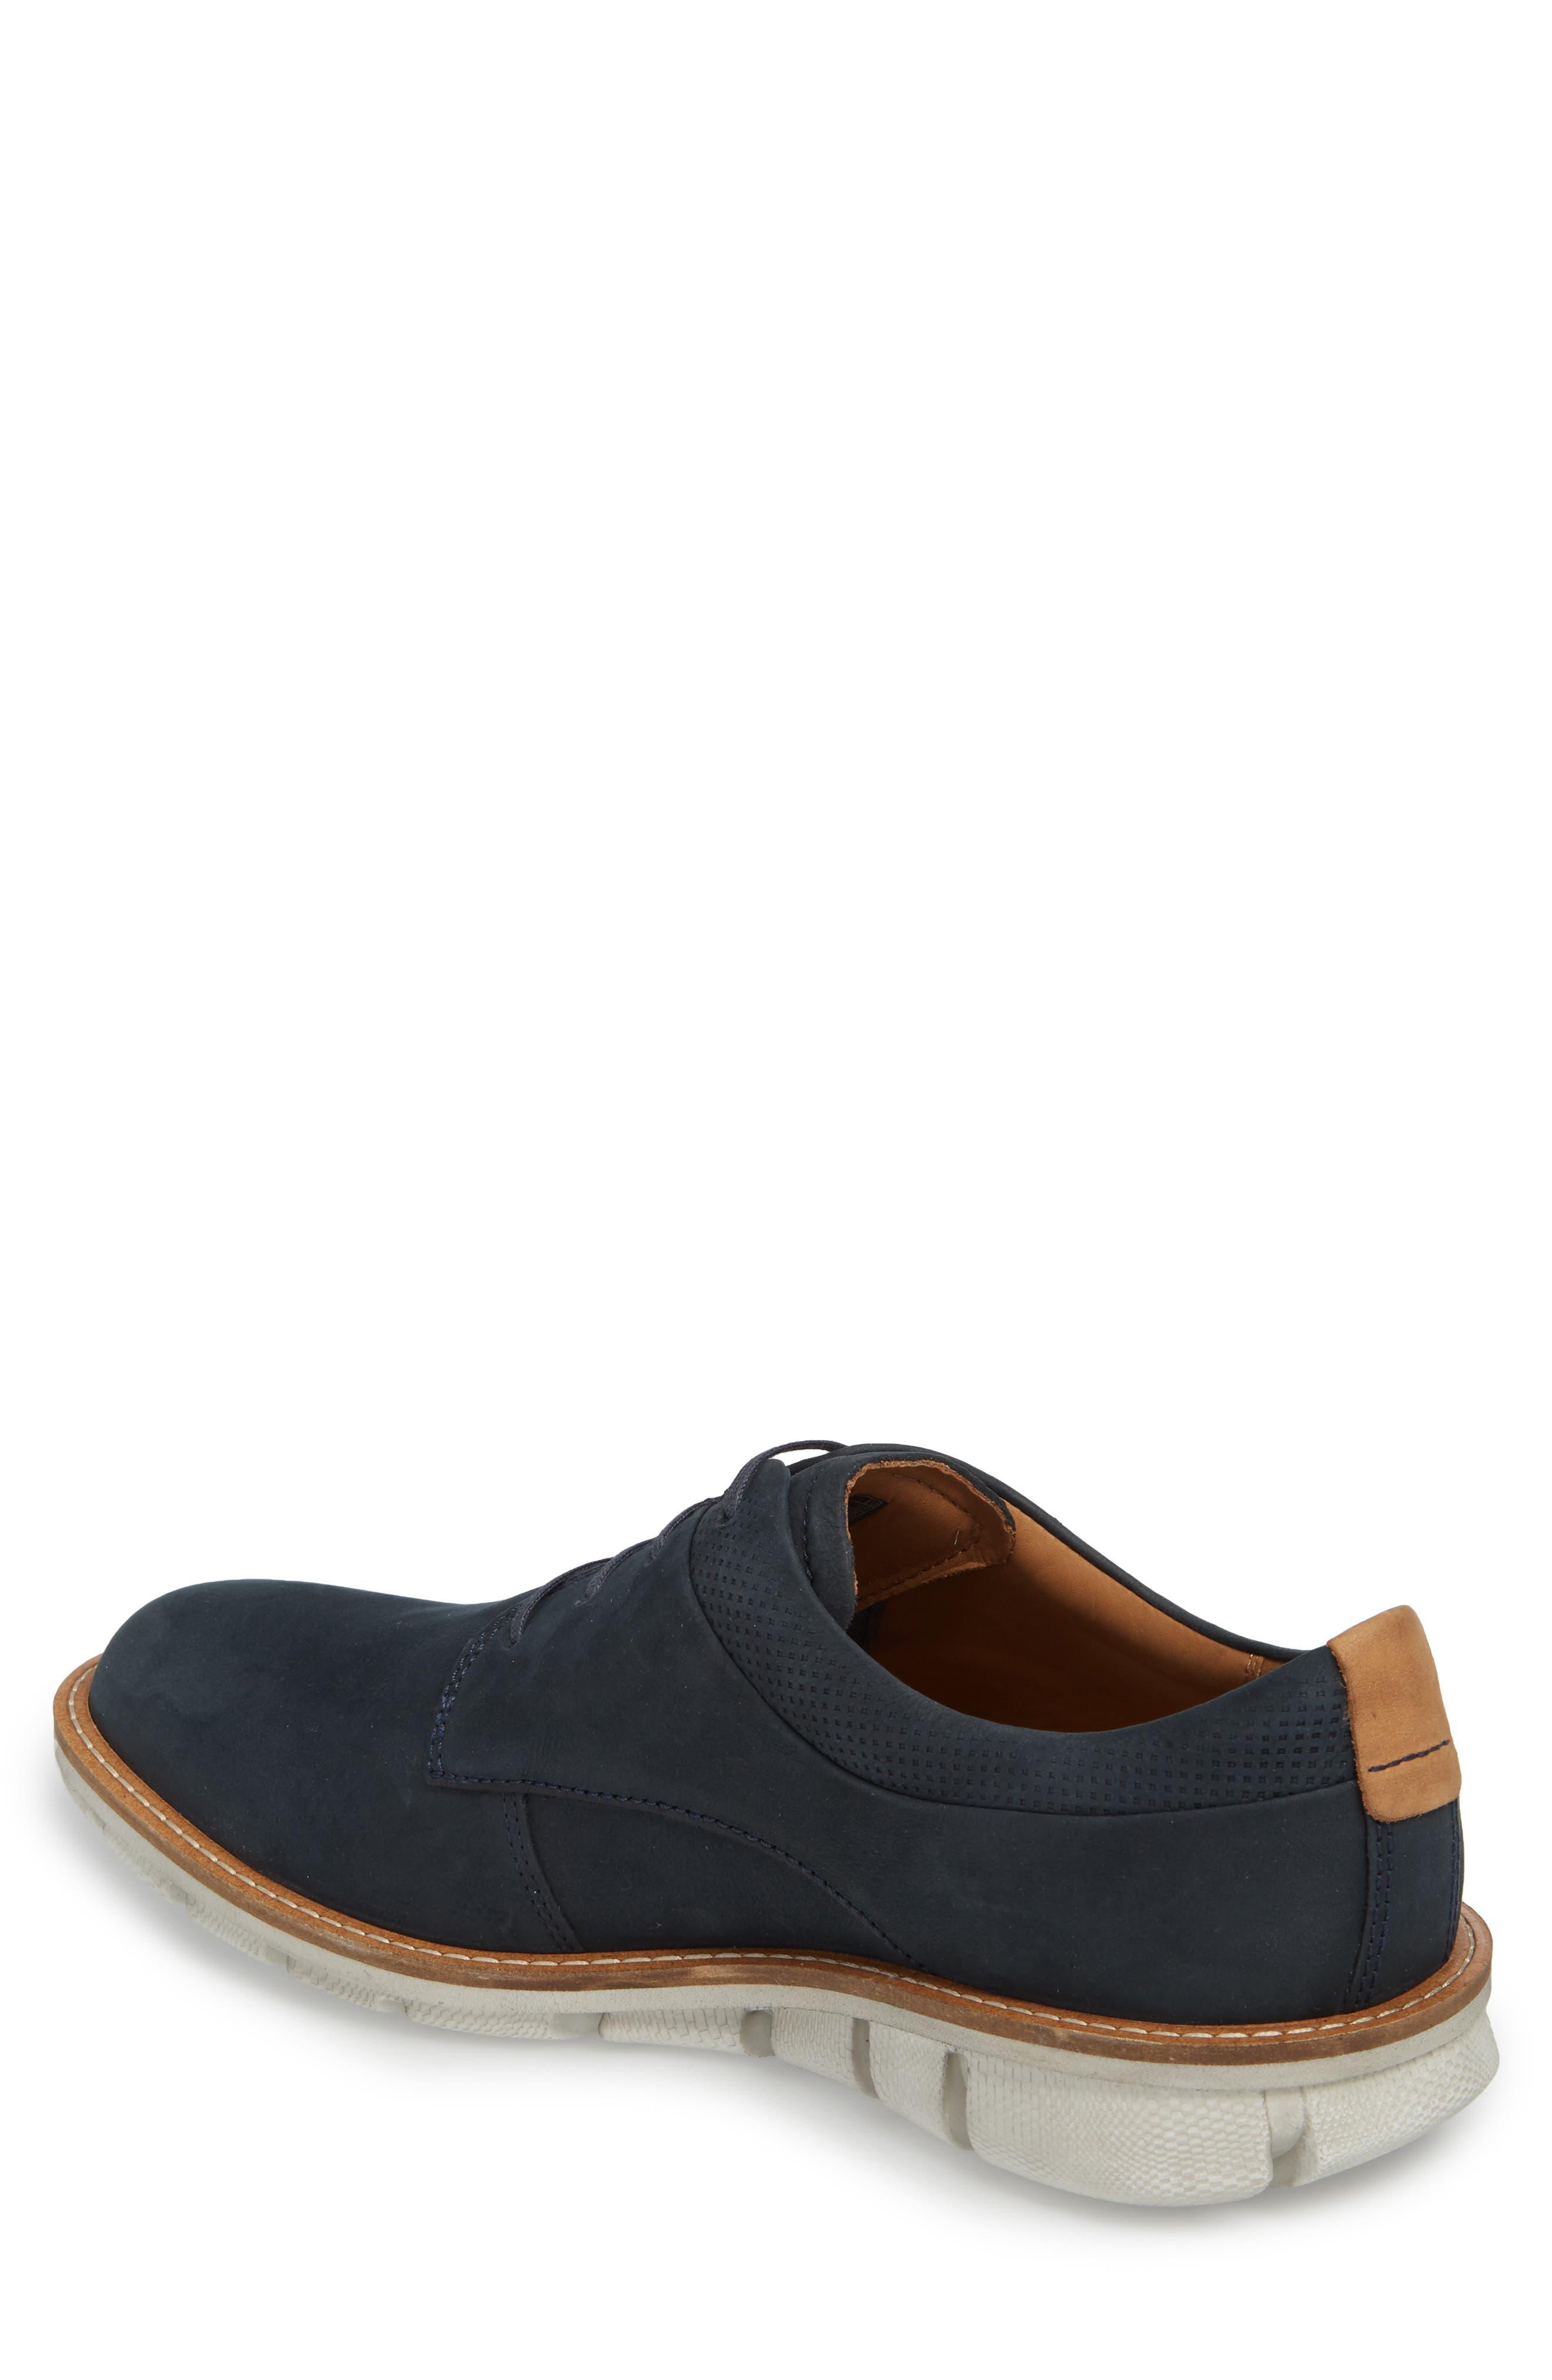 Jeremy Hybrid Plain Toe Derby,                             Alternate thumbnail 2, color,                             Navy Leather